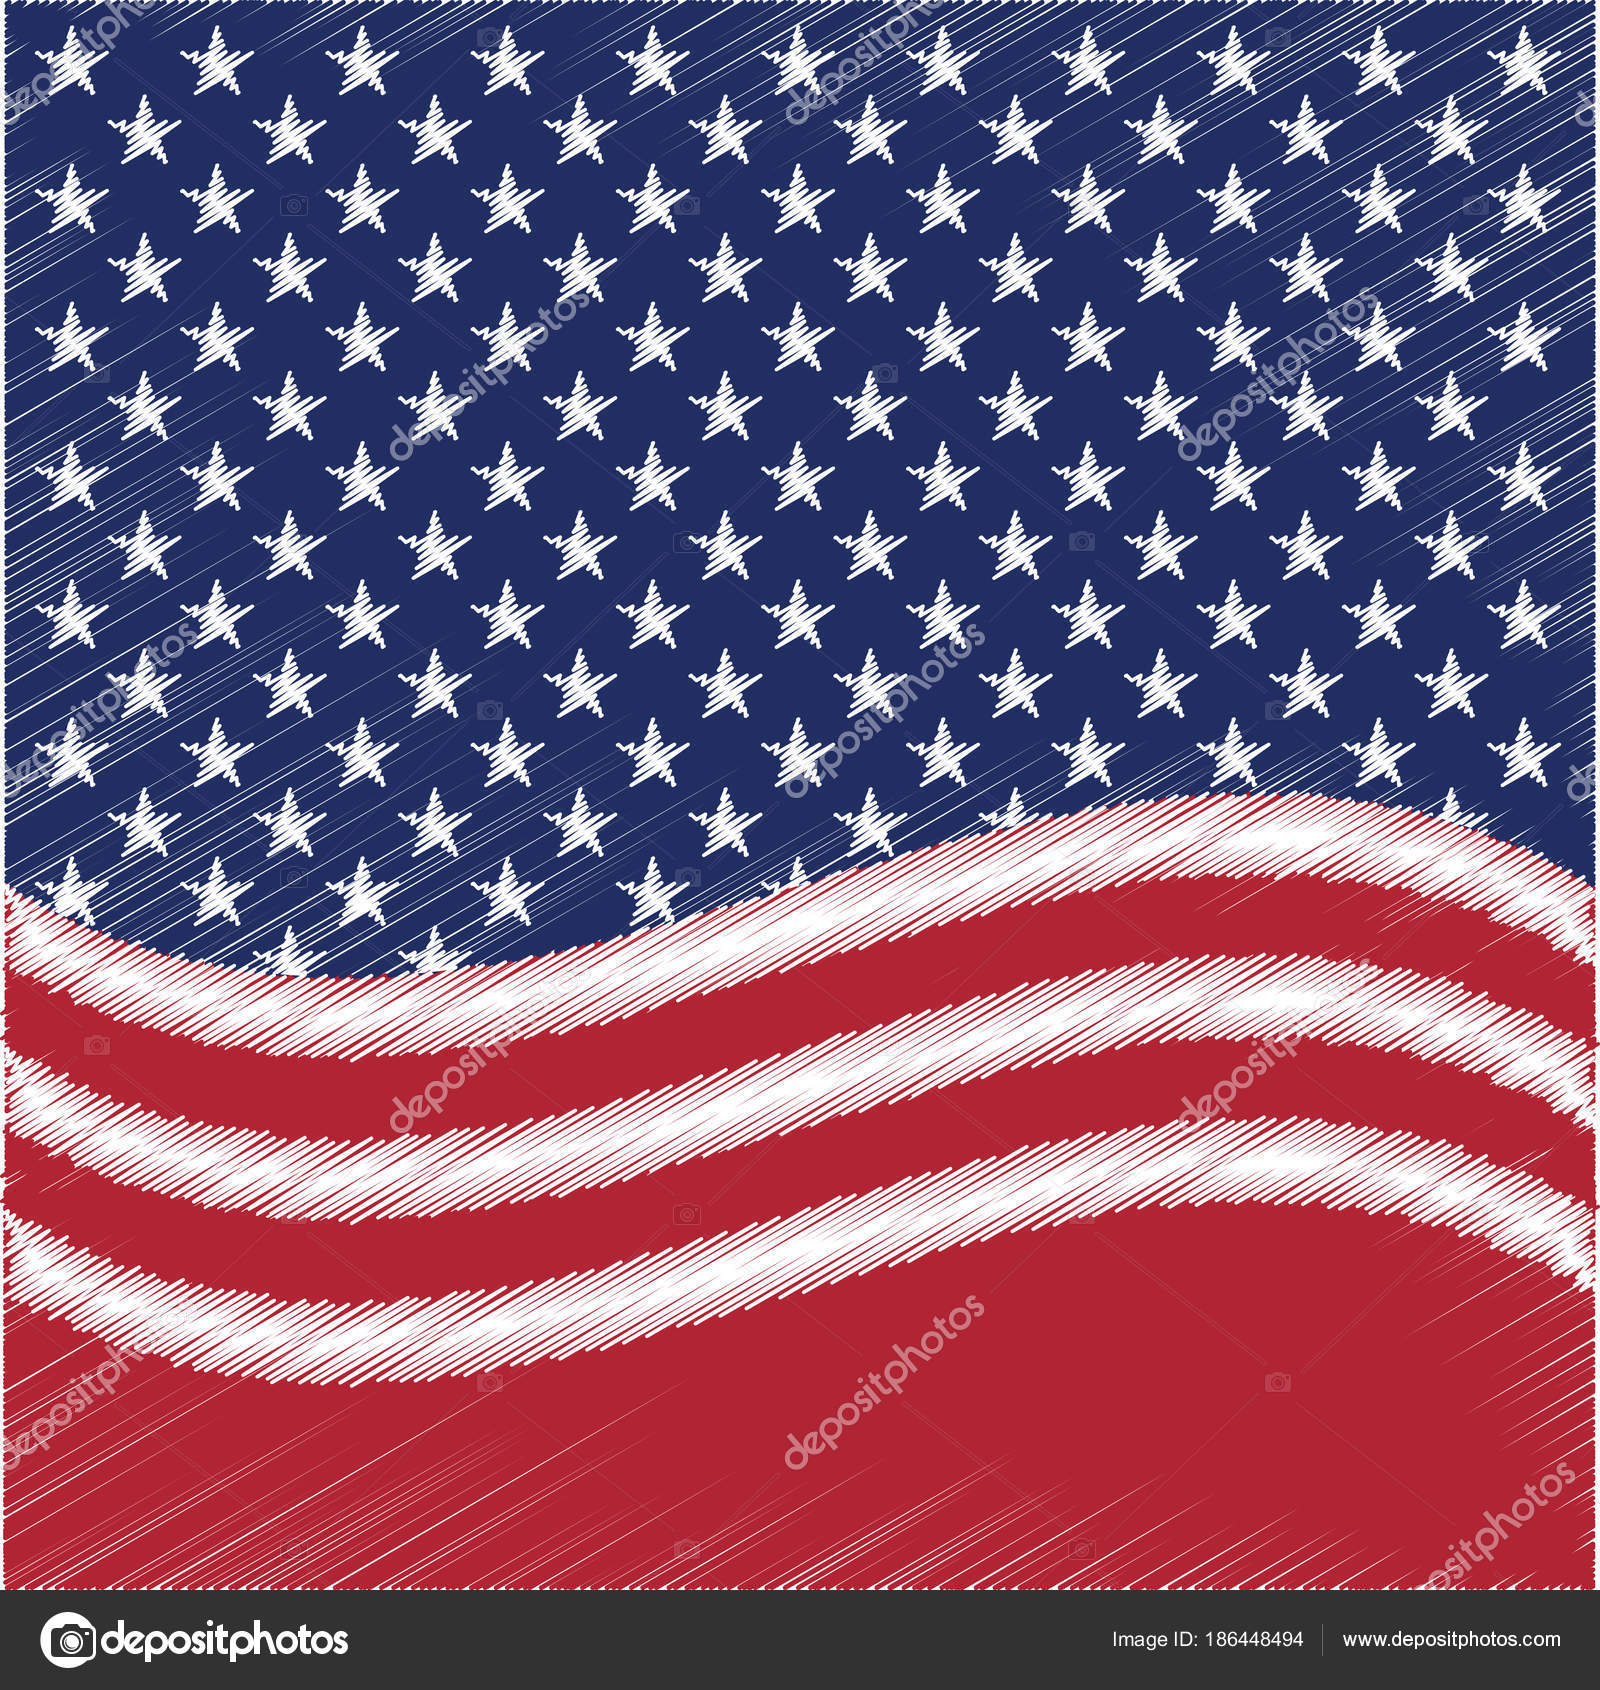 Fondo de vector de estrellas de Estados Unidos. Papel patriótico ...